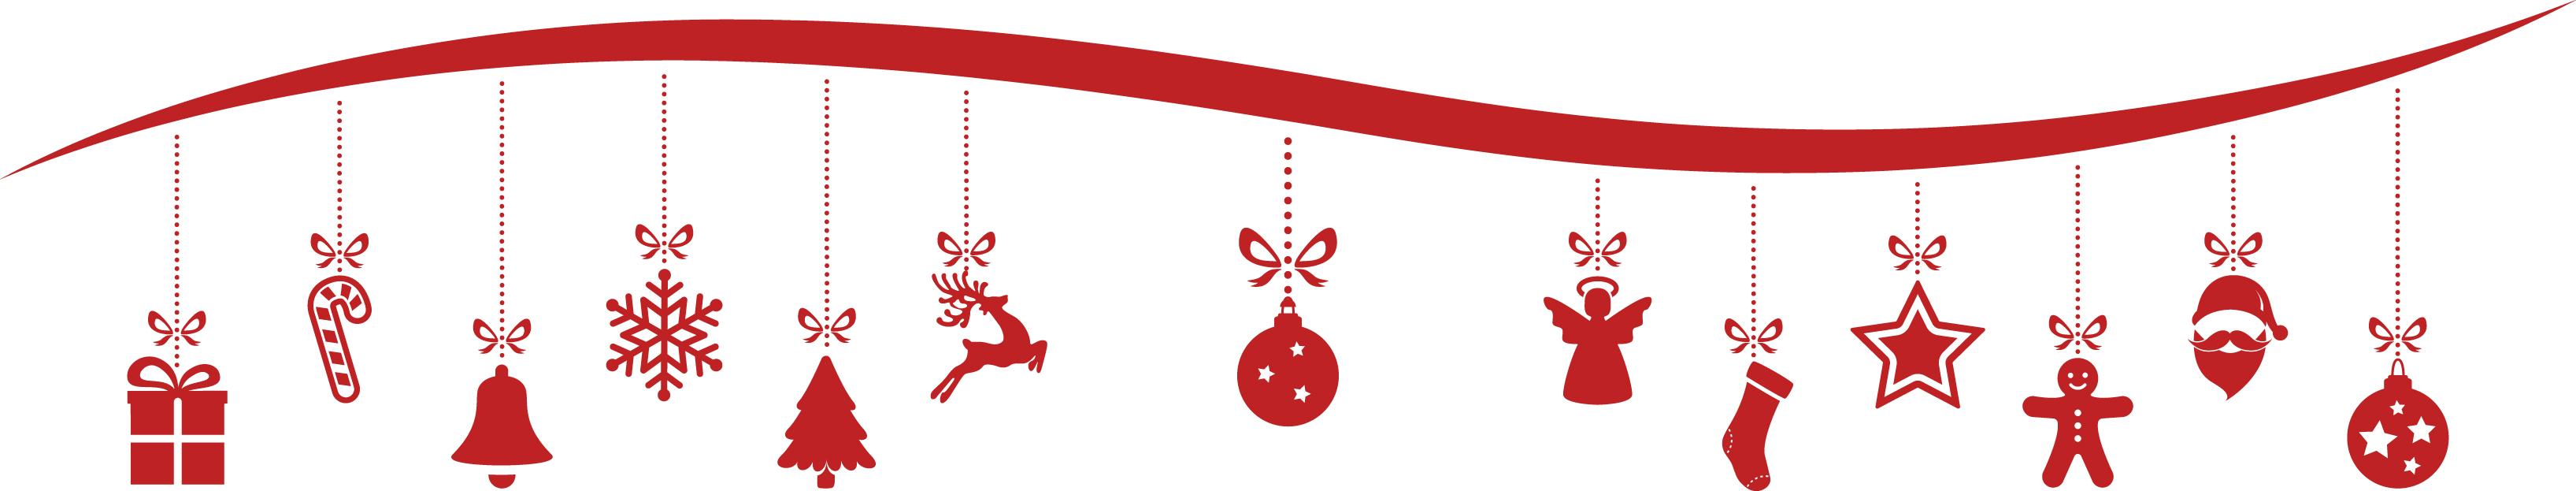 Immagini Di Natale Per Email.Dolci Di Natale Nel Cilento Dolci Natale Cilento